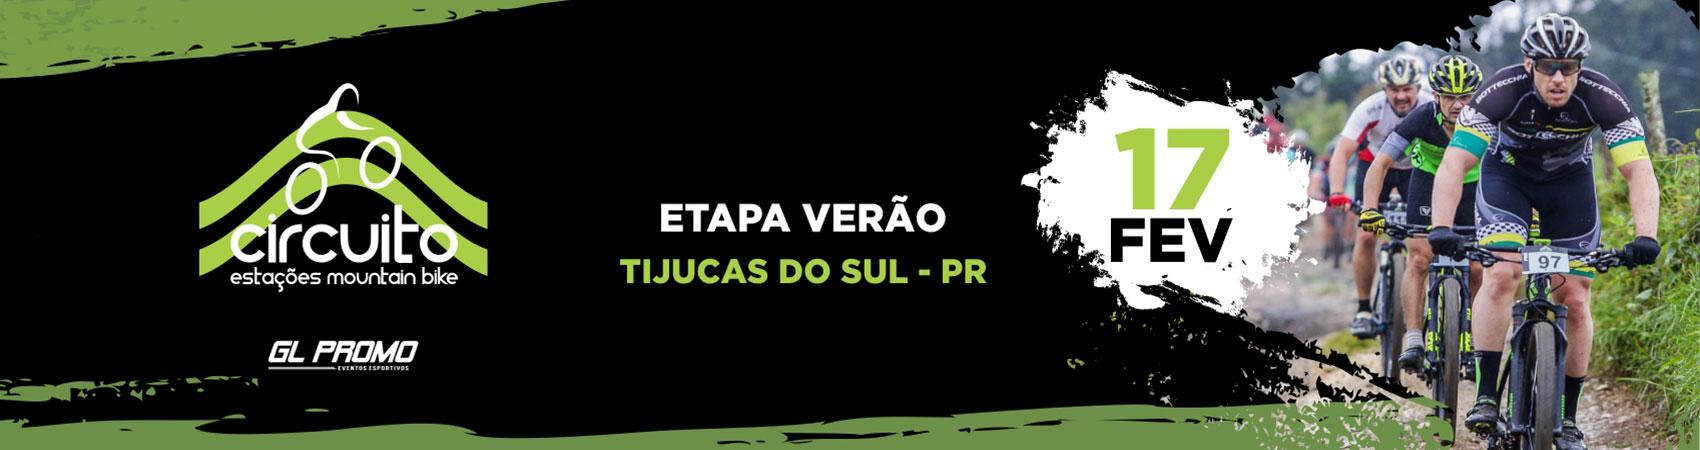 CIRCUITO ESTAÇÕES MOUNTAIN BIKE 2019 - ETAPA VERÃO